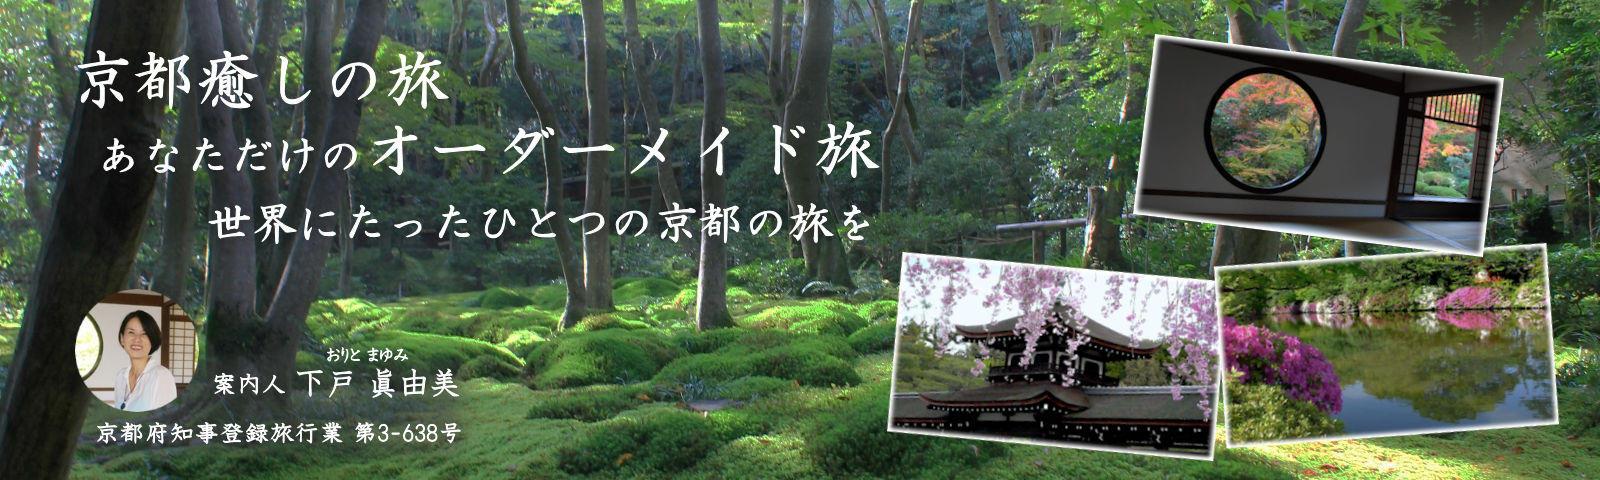 京都癒しの旅 あなただけのオーダーメイド旅